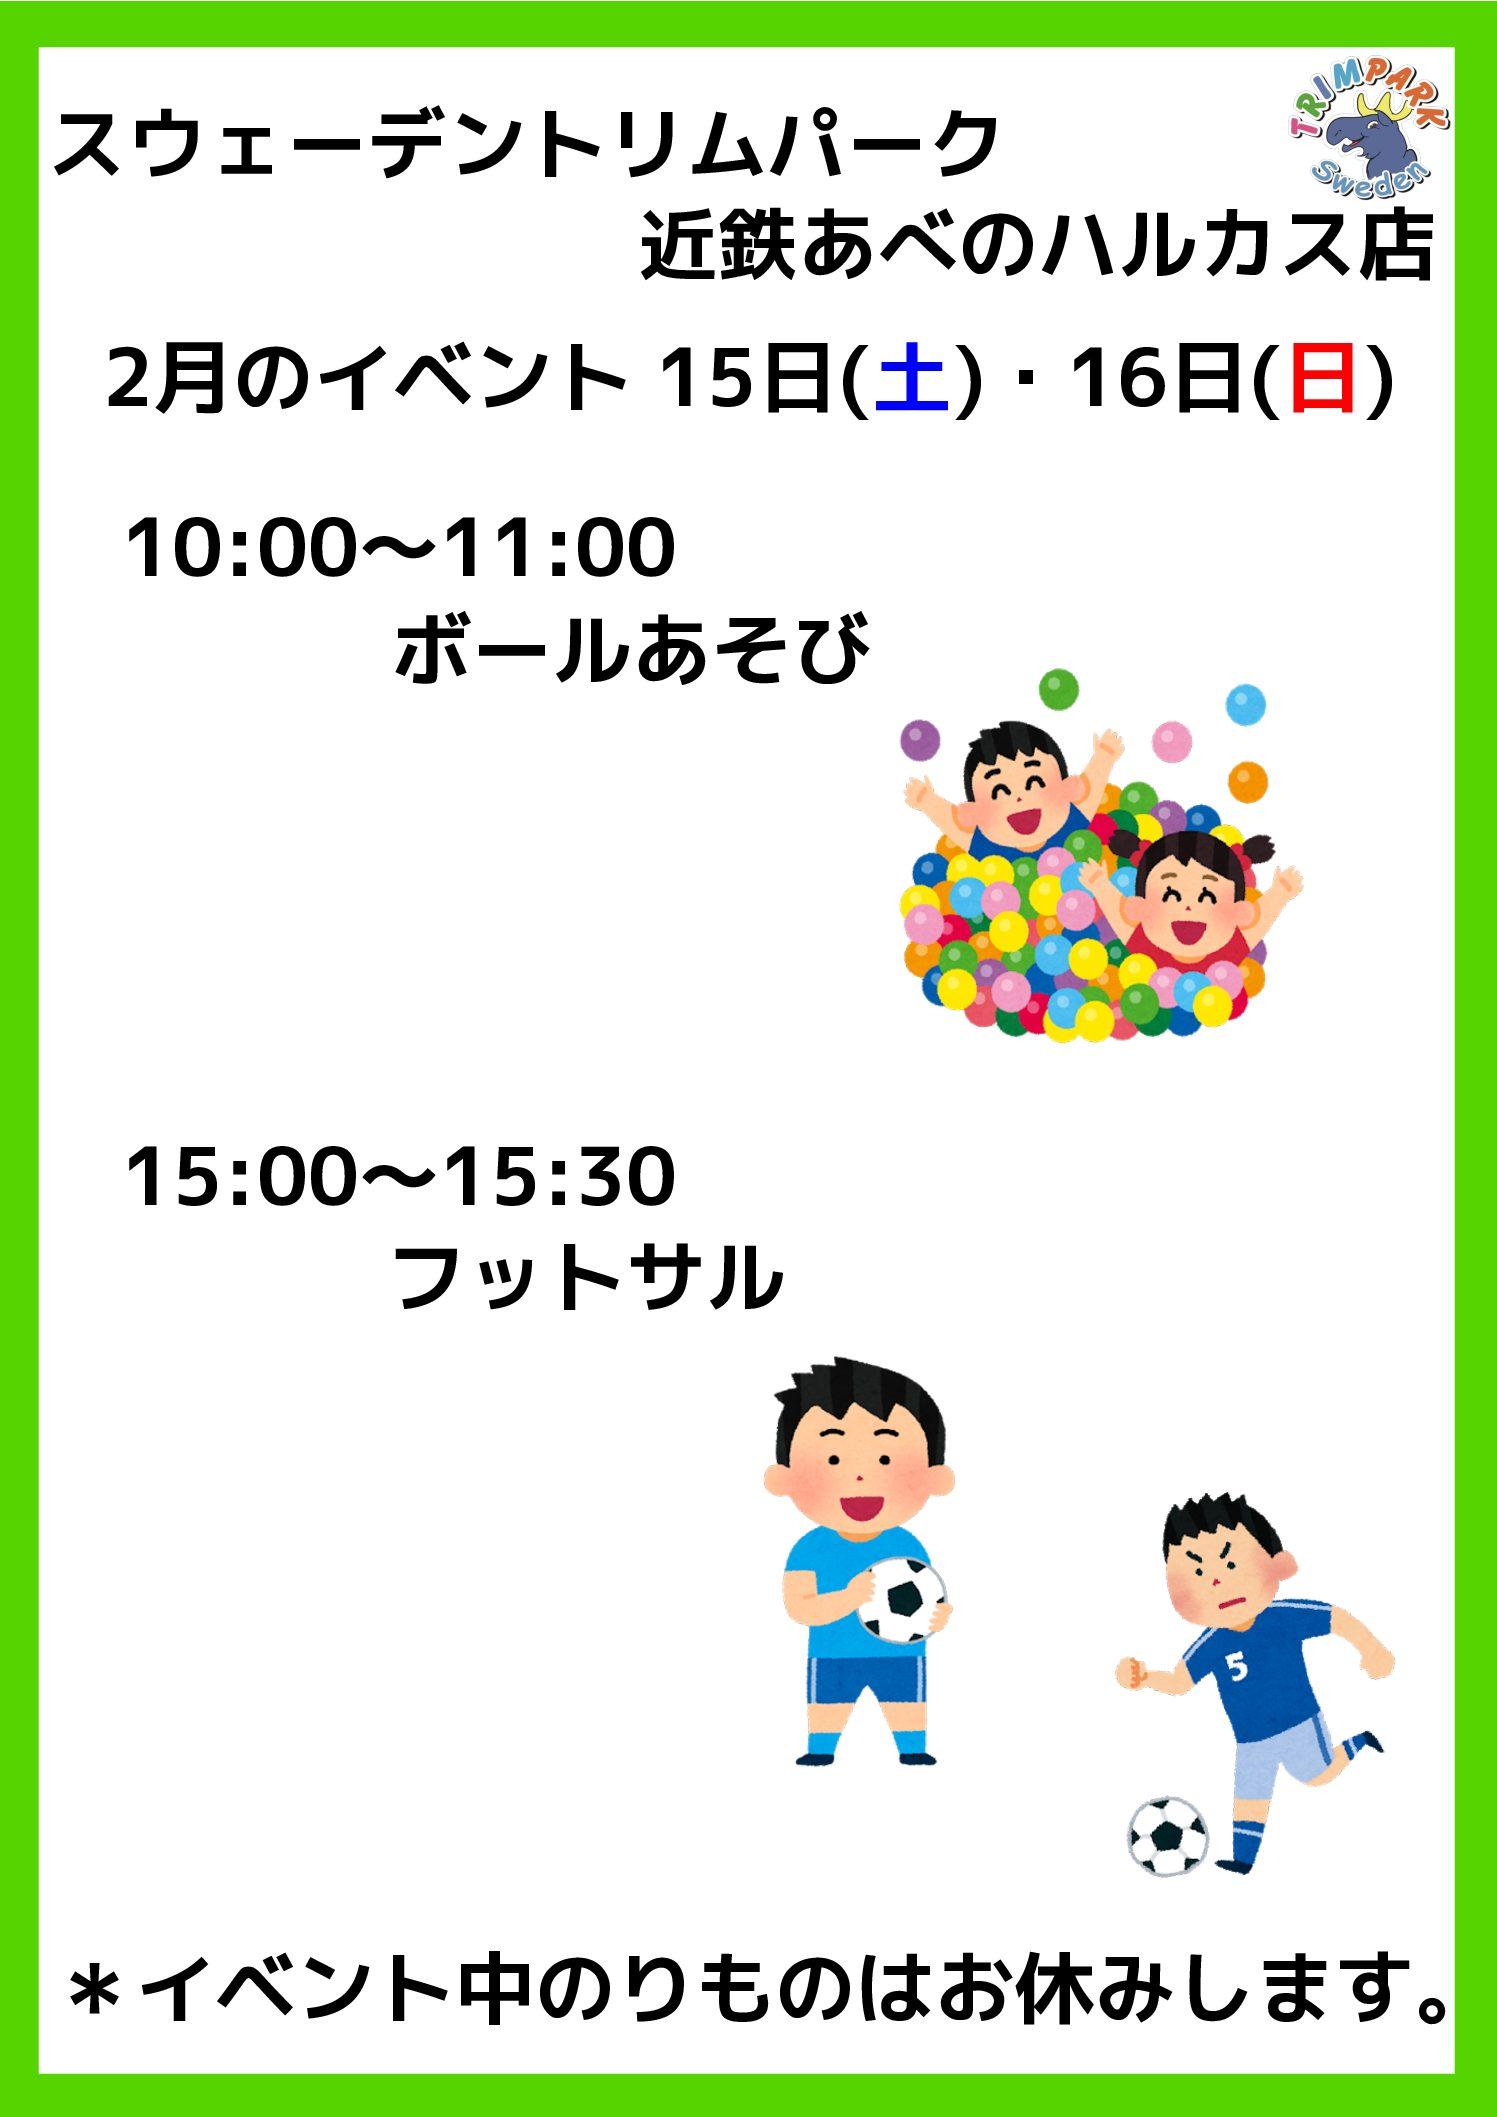 近鉄あべのハルカス店 2月イベント